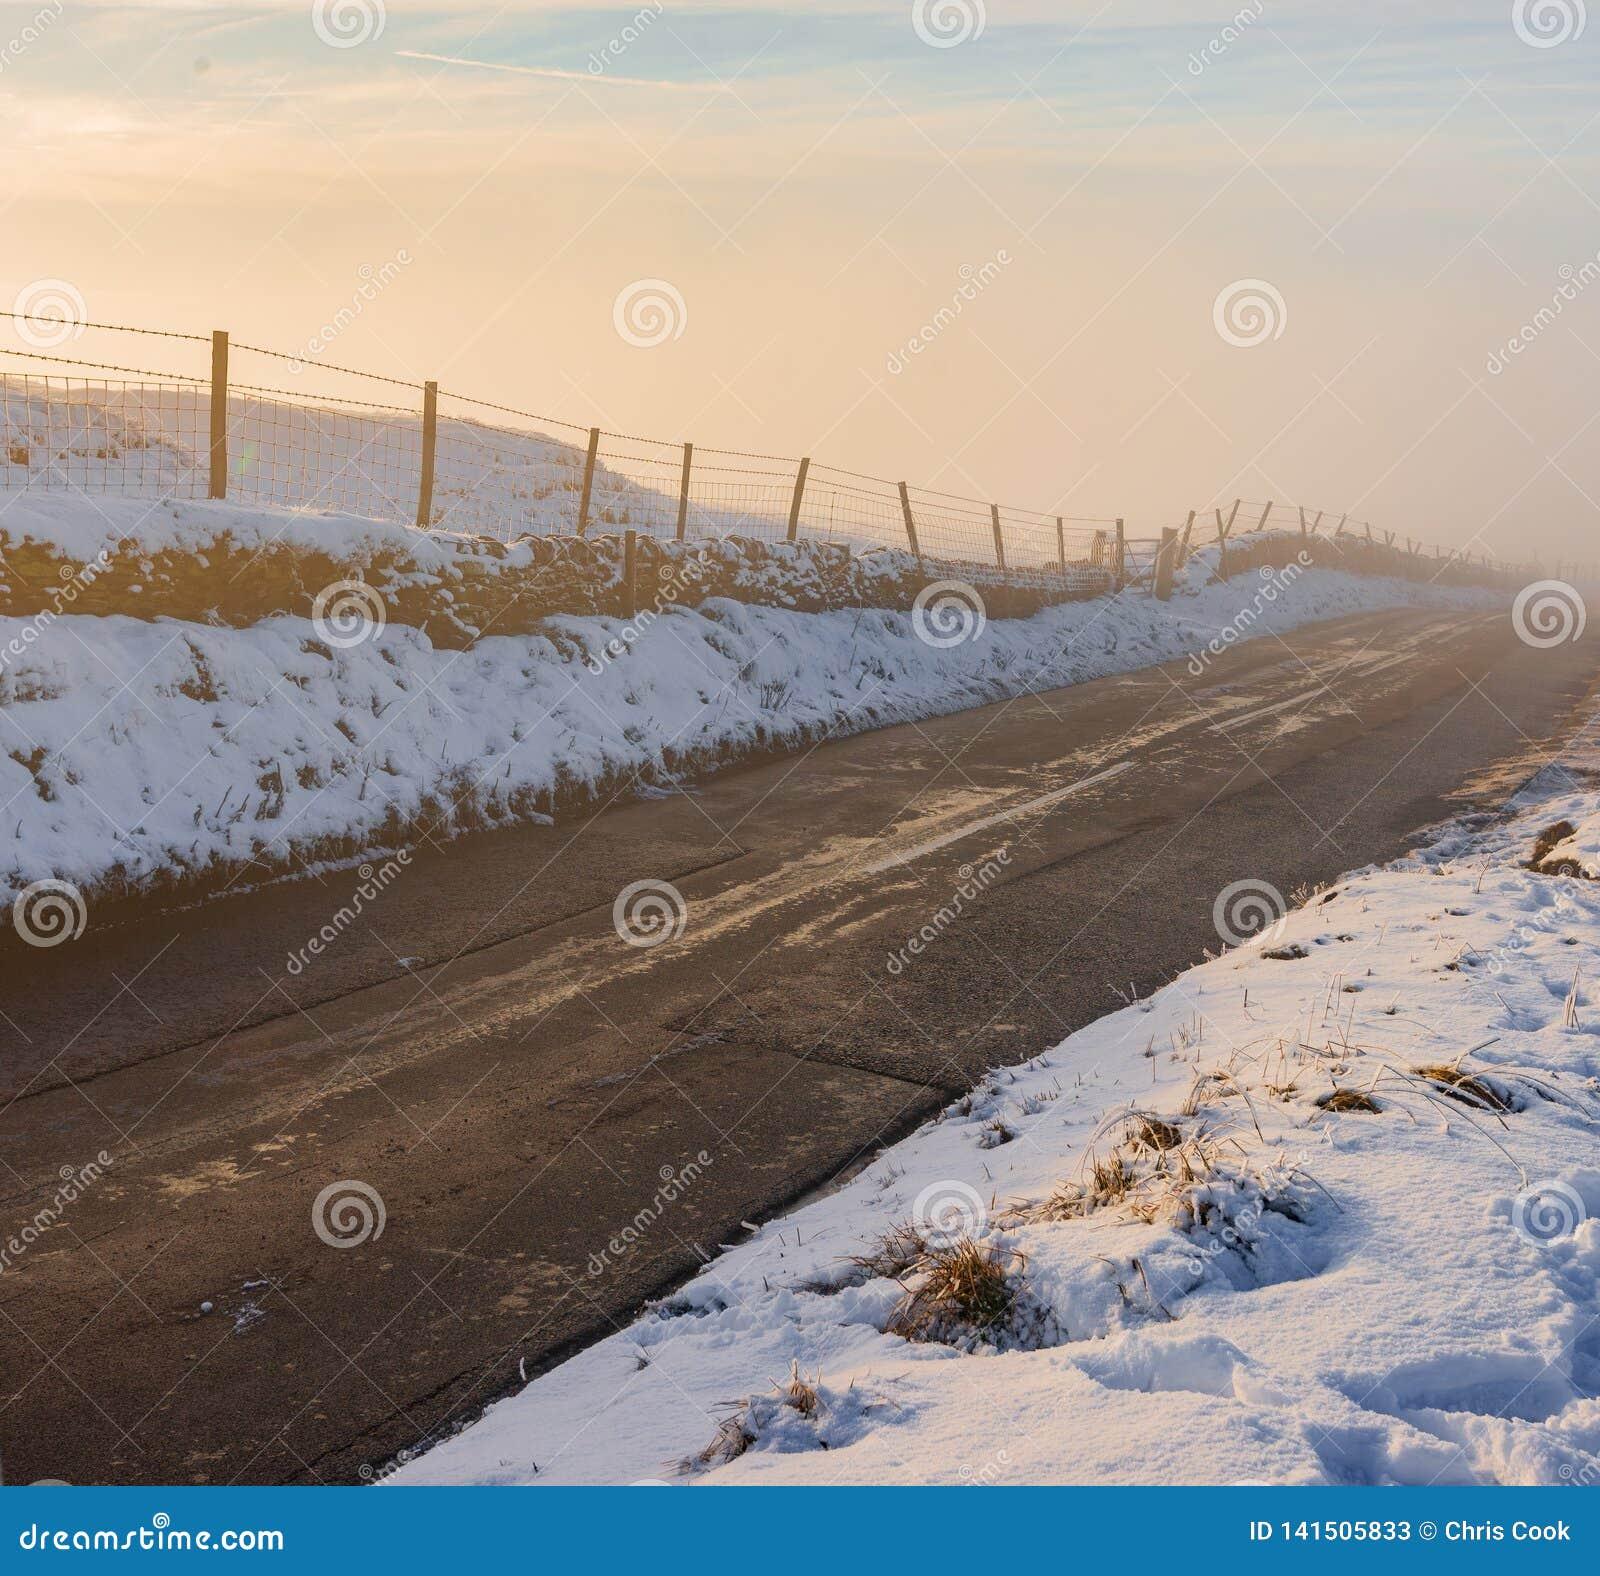 Μια βαθιά ομίχλη αυξάνεται από μια εθνική οδό στο μέσο του χειμώνα, 2019